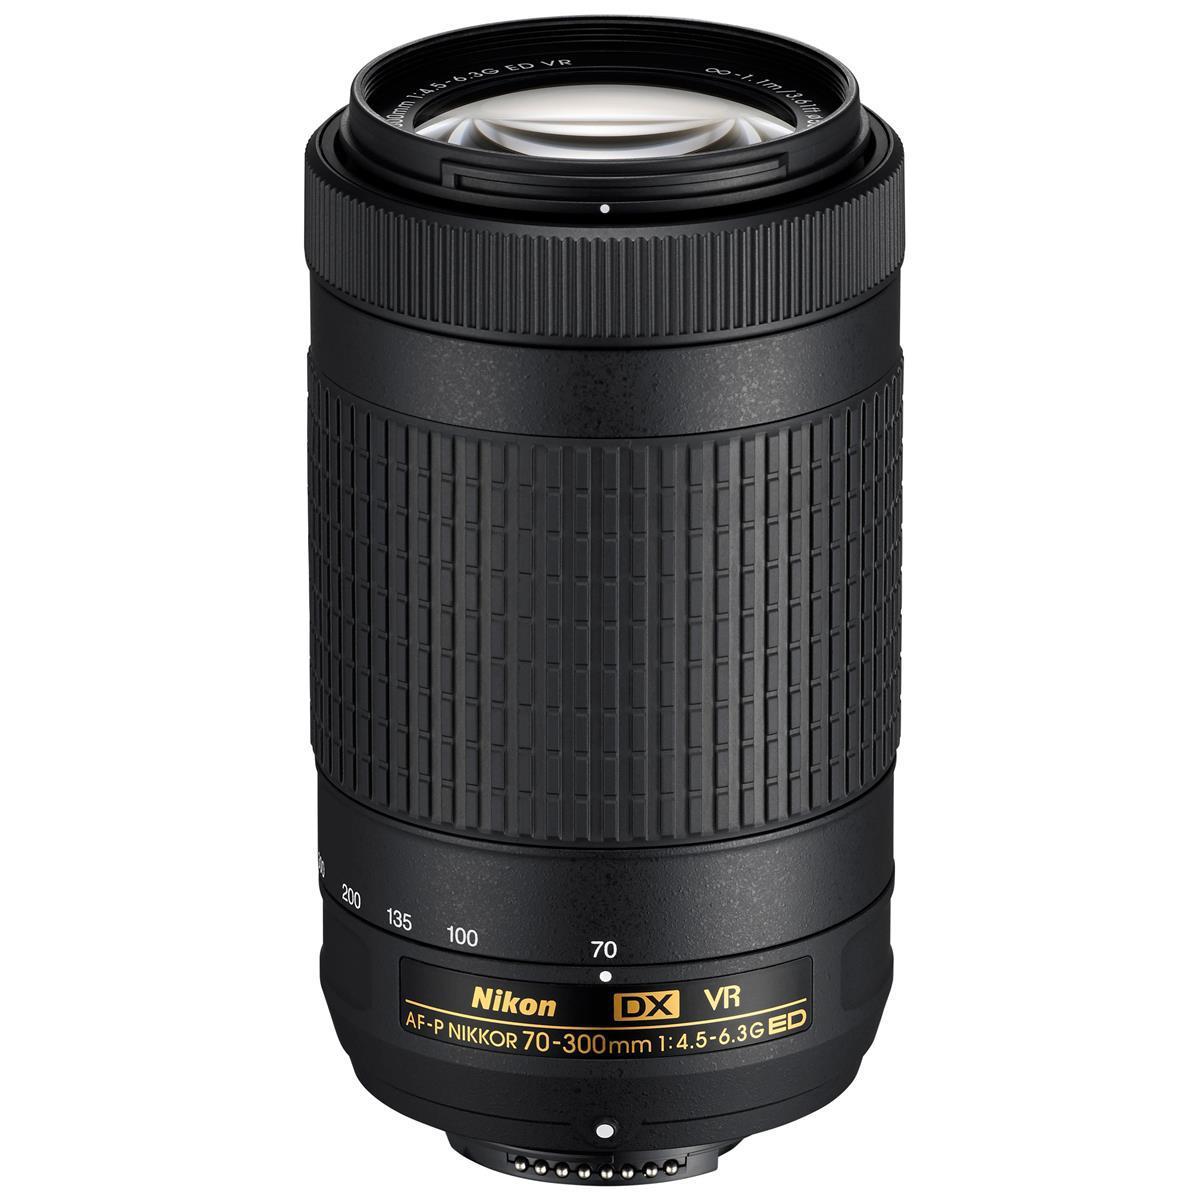 Nikon AF-P DX NIKKOR 70-300mm f/4.5-6.3G ED VR Lens (refurb) $150 + free s/h